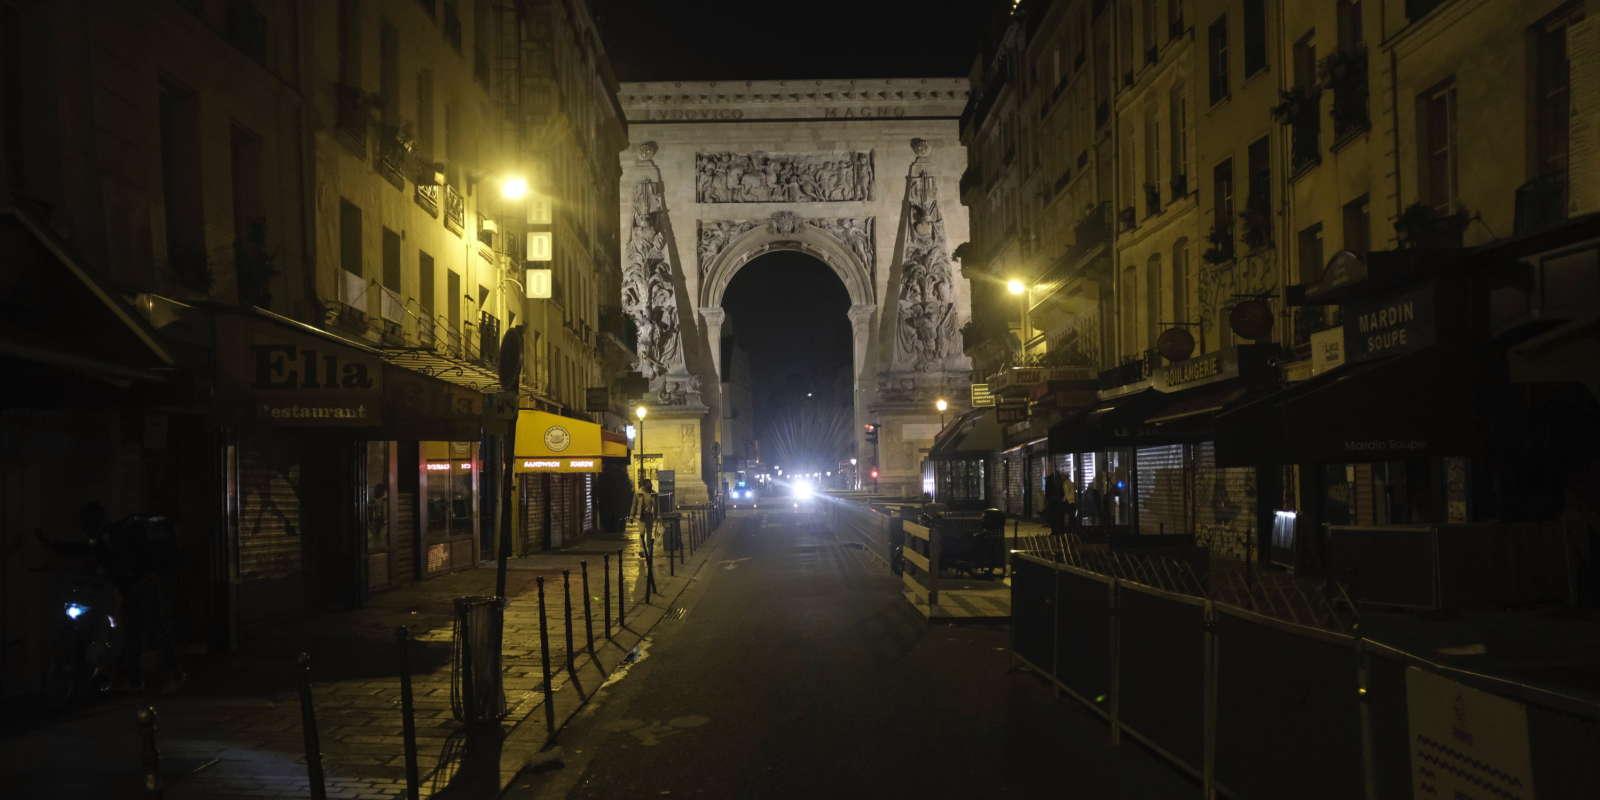 La rue du Faubourg Saint-Denis à Paris, d'habitude très animée, durant le couvre feu le 18 octobre.